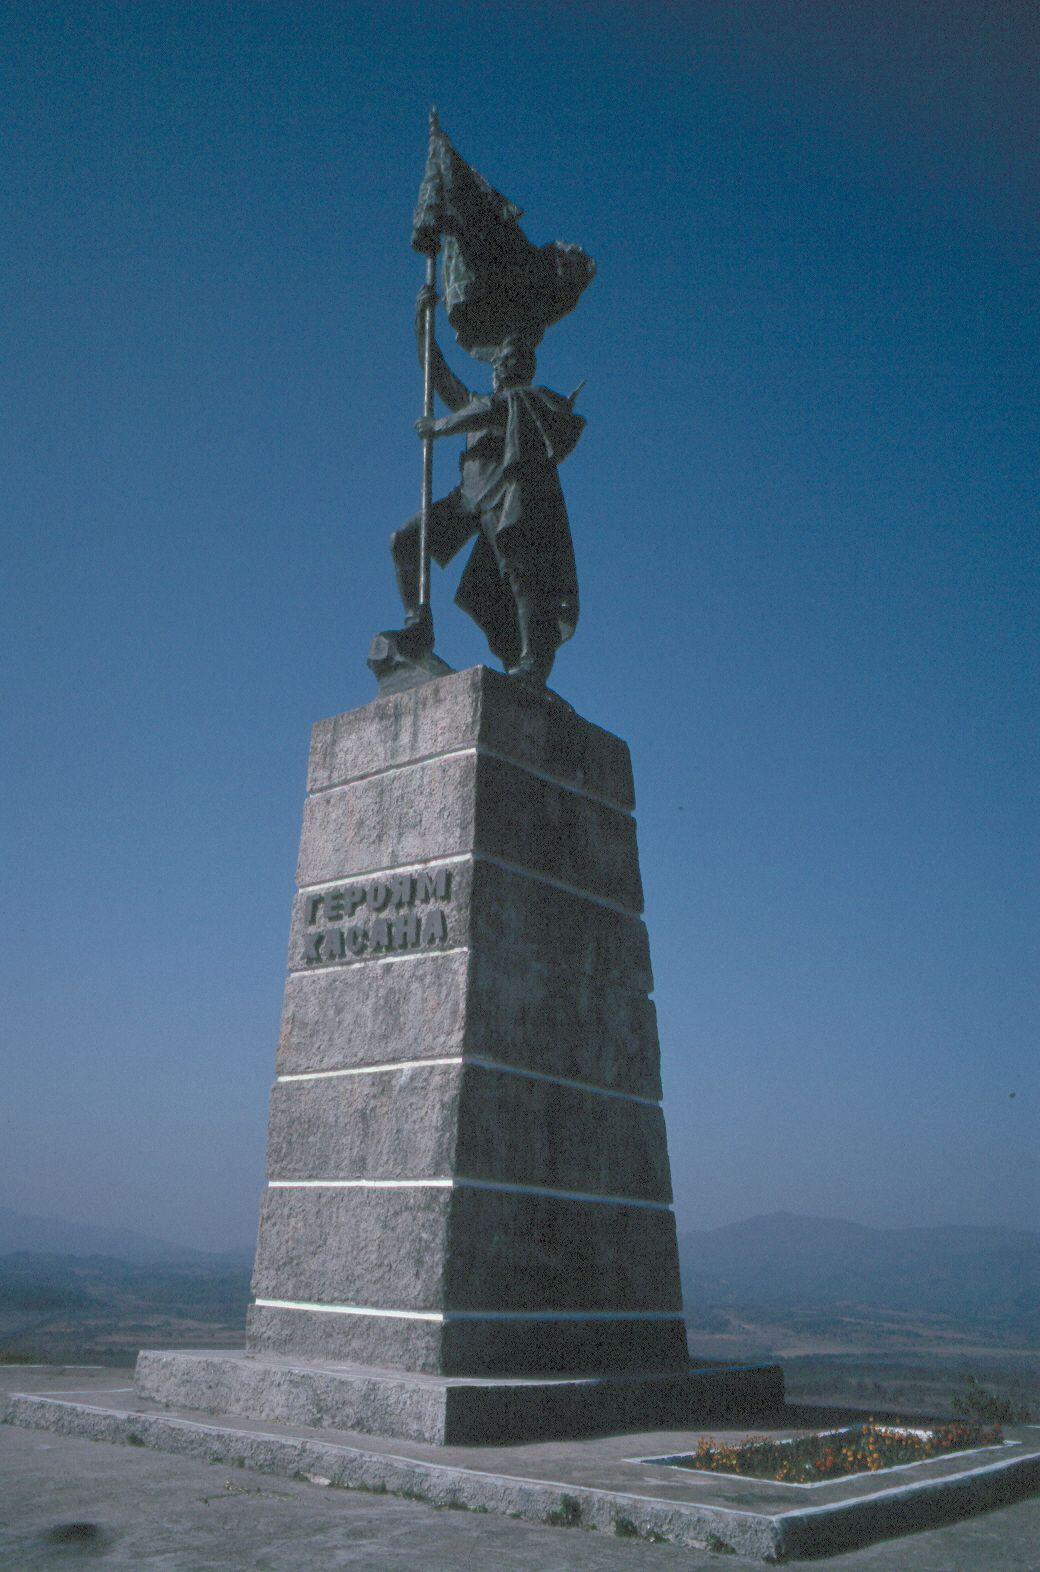 фото краскино приморский край